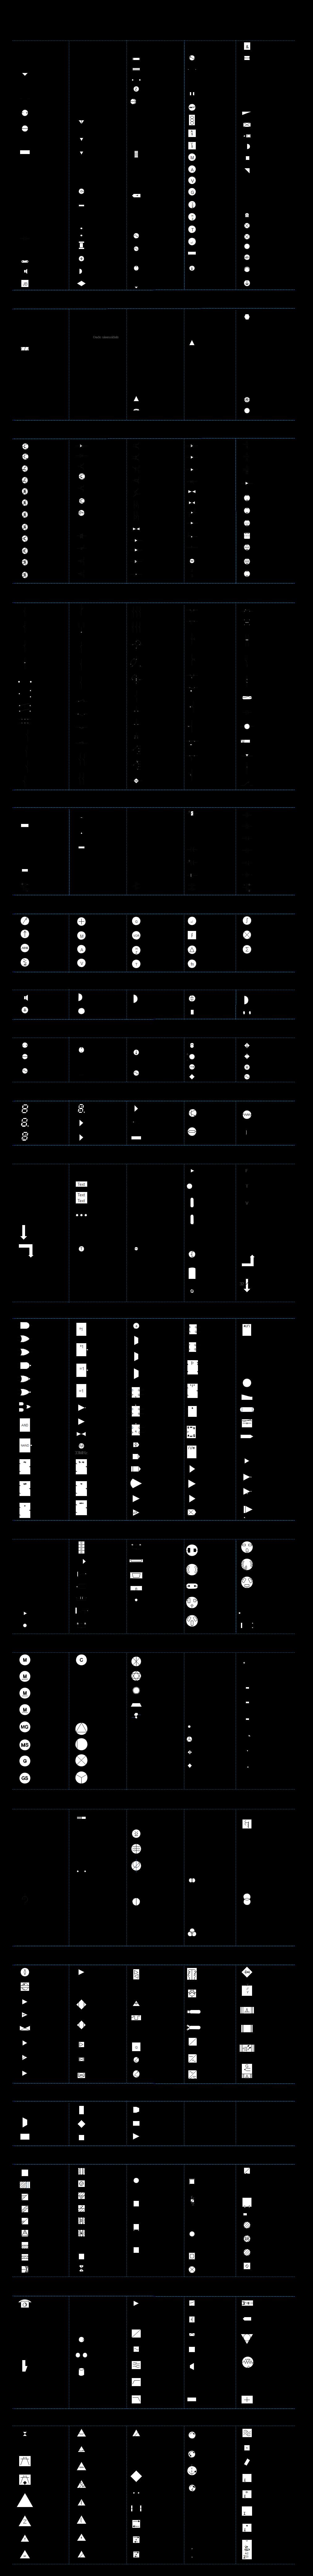 Légendes de symboles électriques normalisés et intutifs